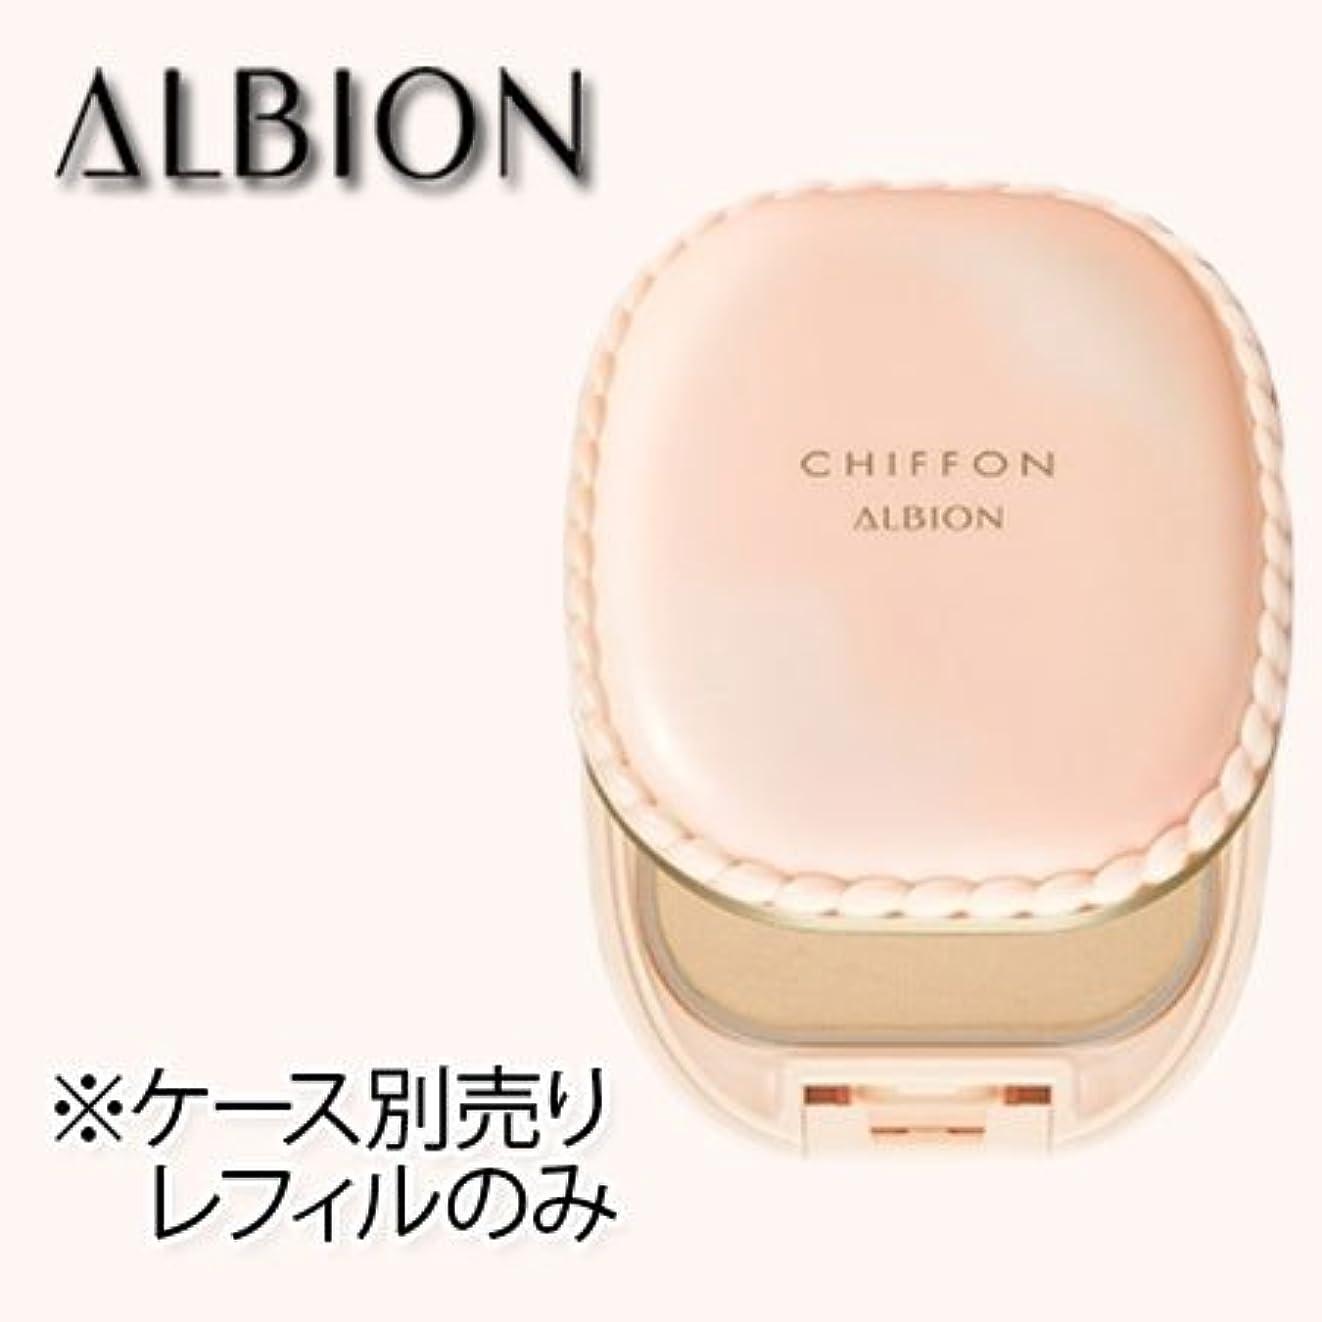 ダイエット性能永久にアルビオン スウィート モイスチュア シフォン (レフィル) 10g 6色 SPF22 PA++-ALBION- 070